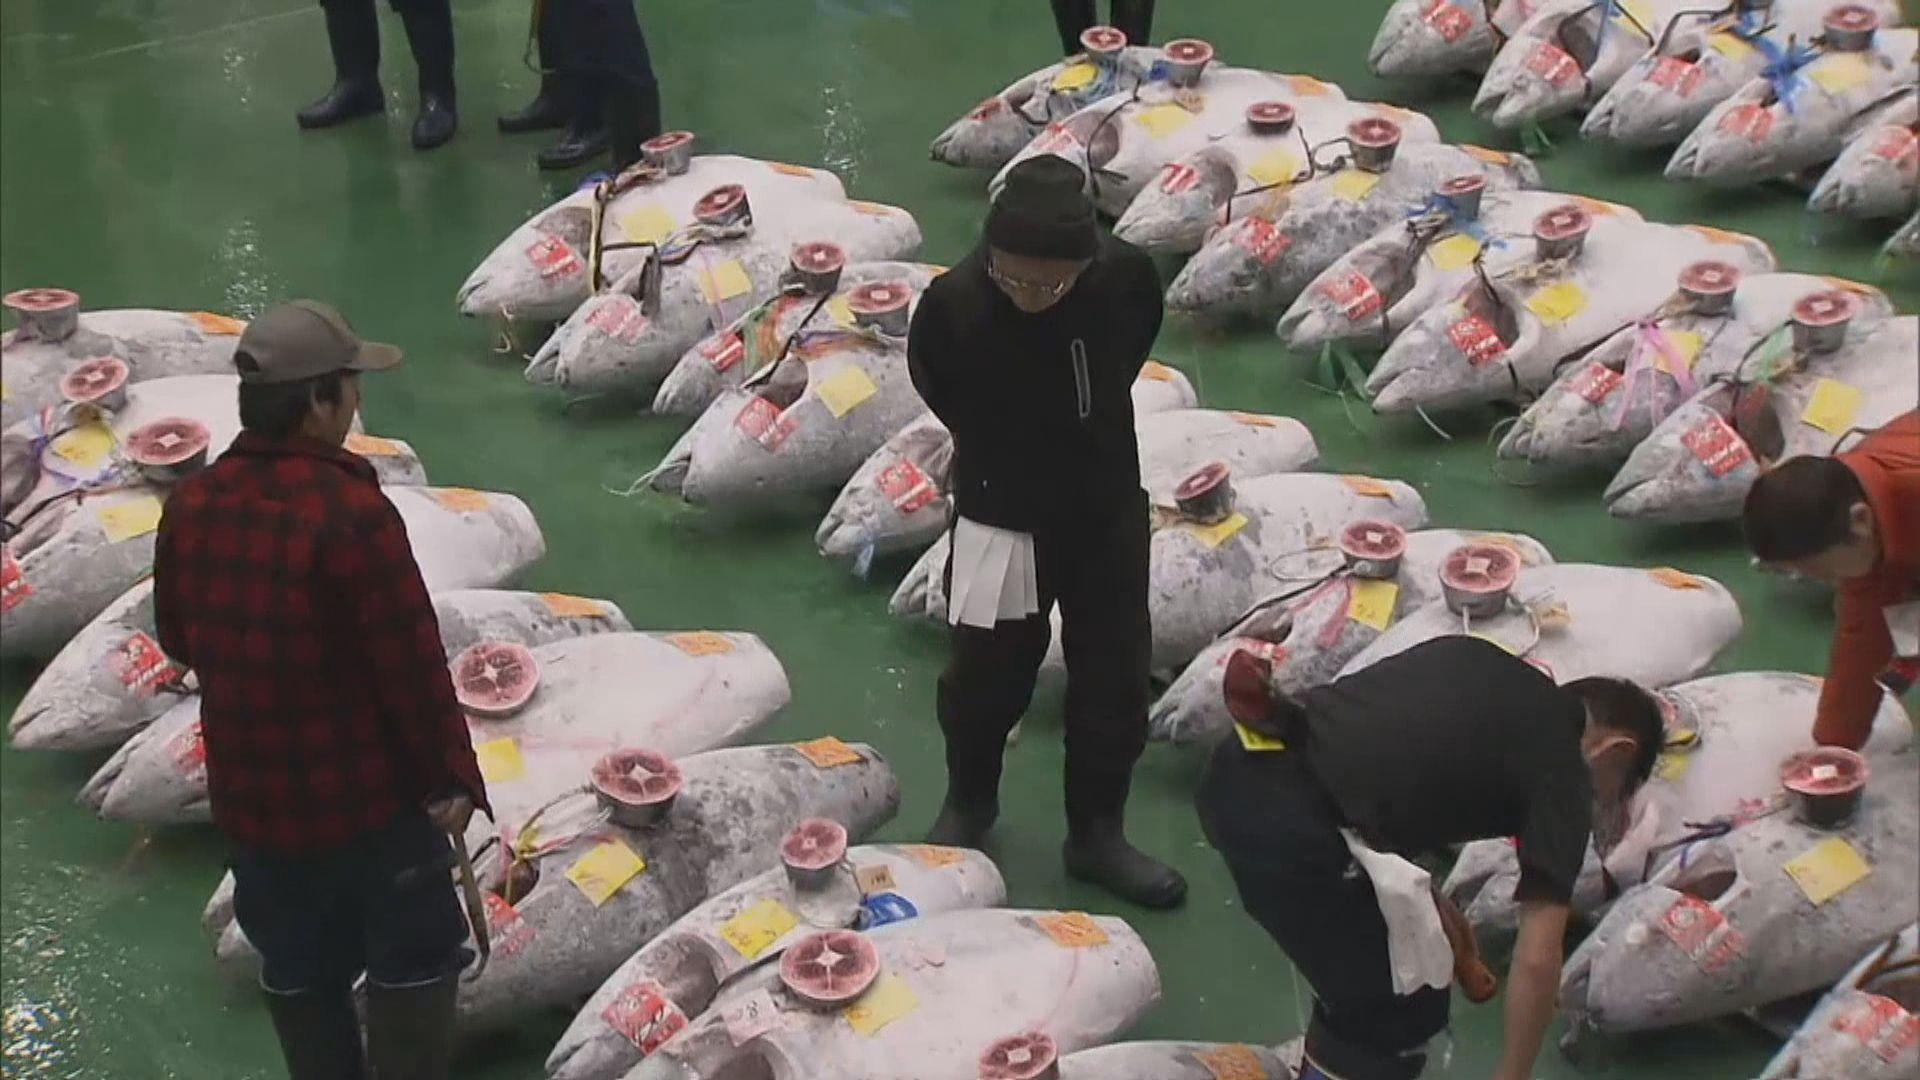 日本豐洲市場有藍鰭吞拿魚破紀錄高價投得